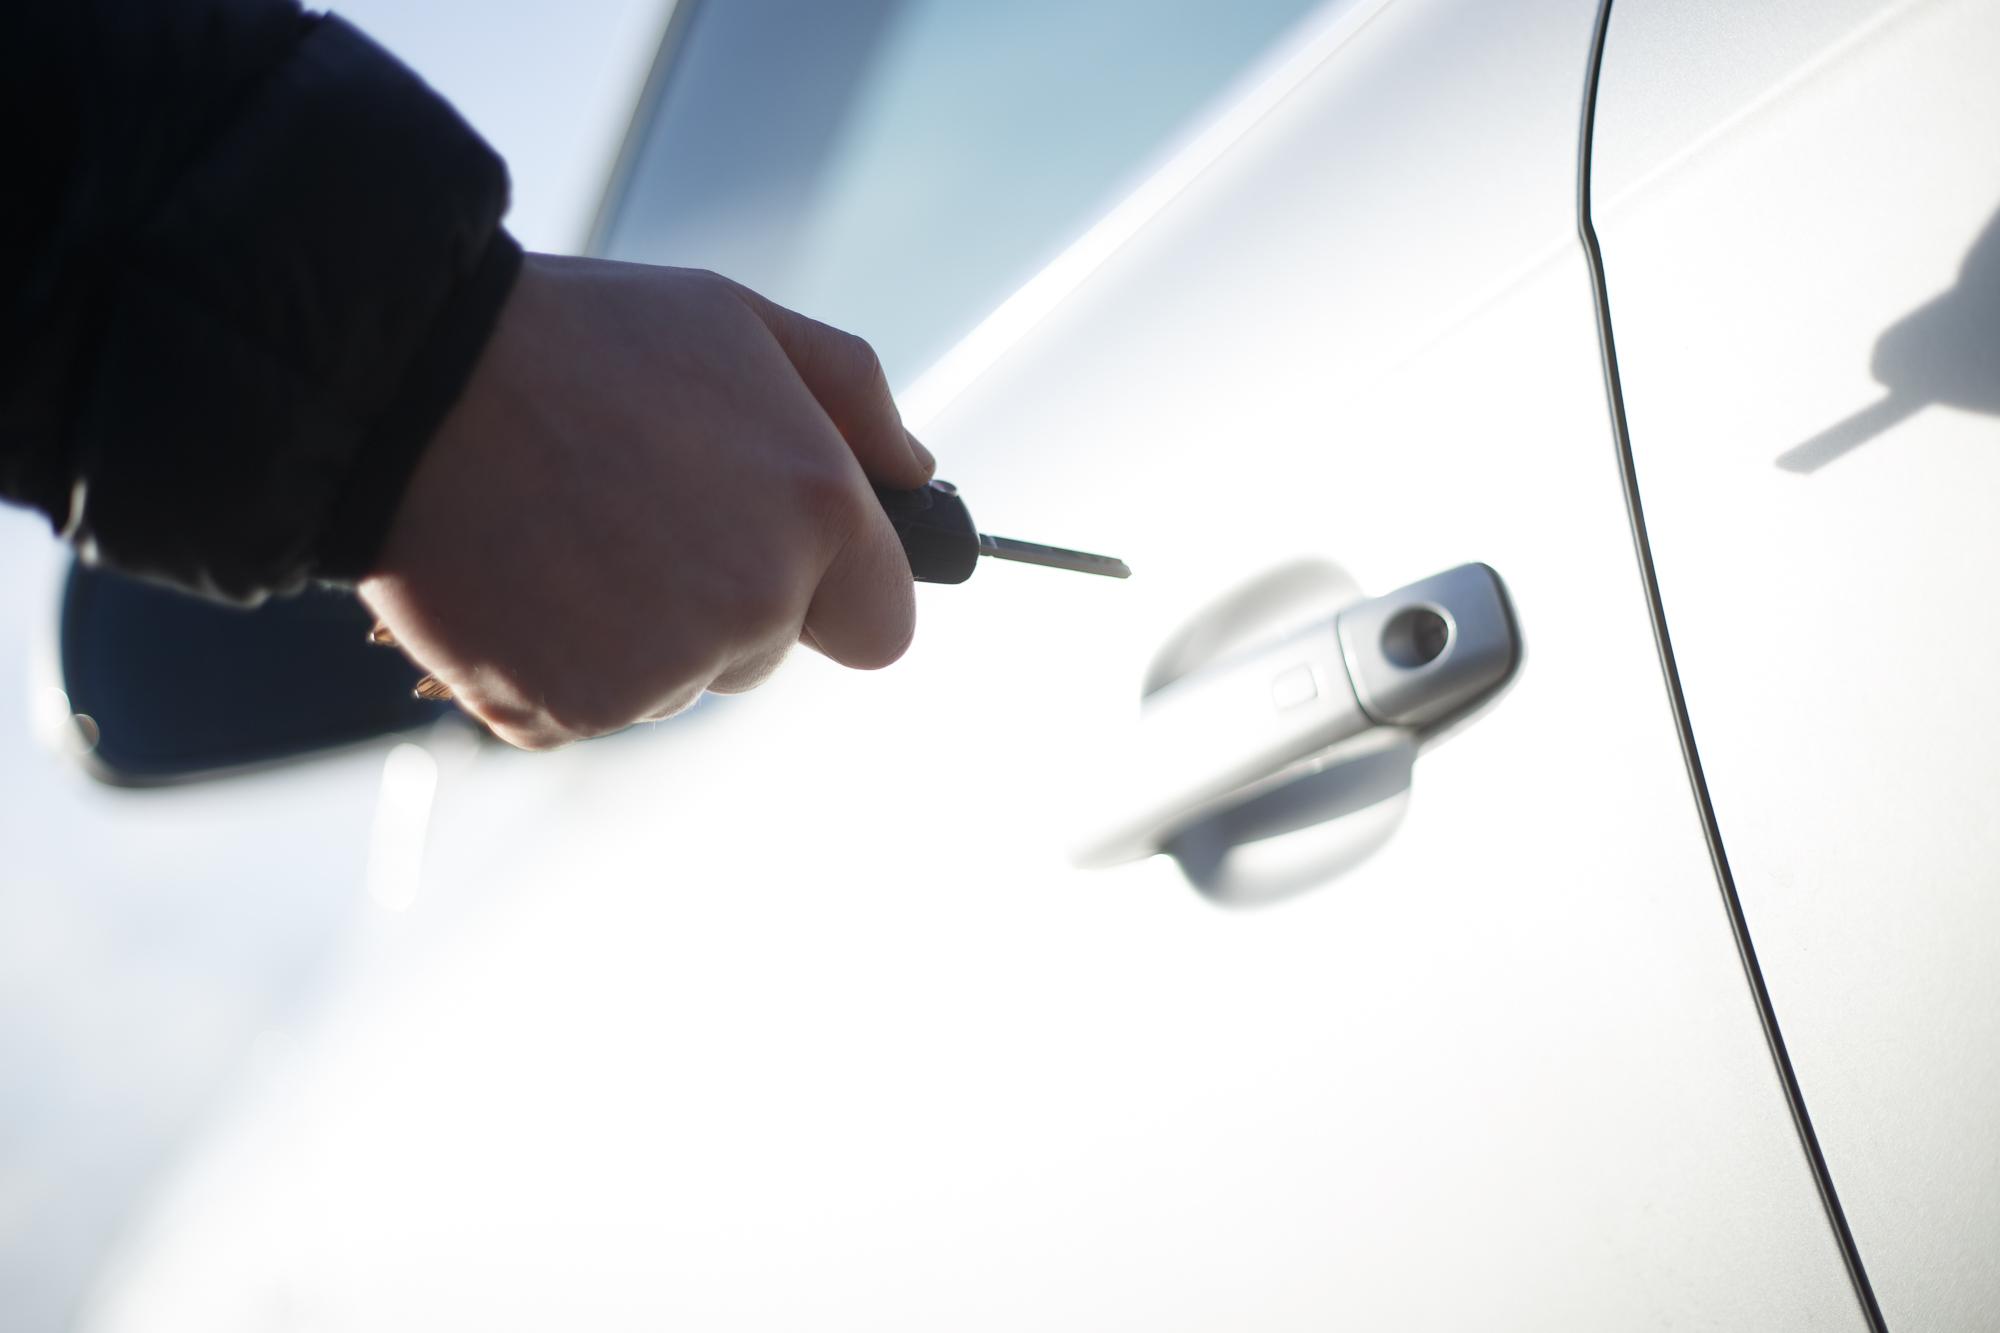 Brug for nye bilnøgler eller en bilnøgle kopi?